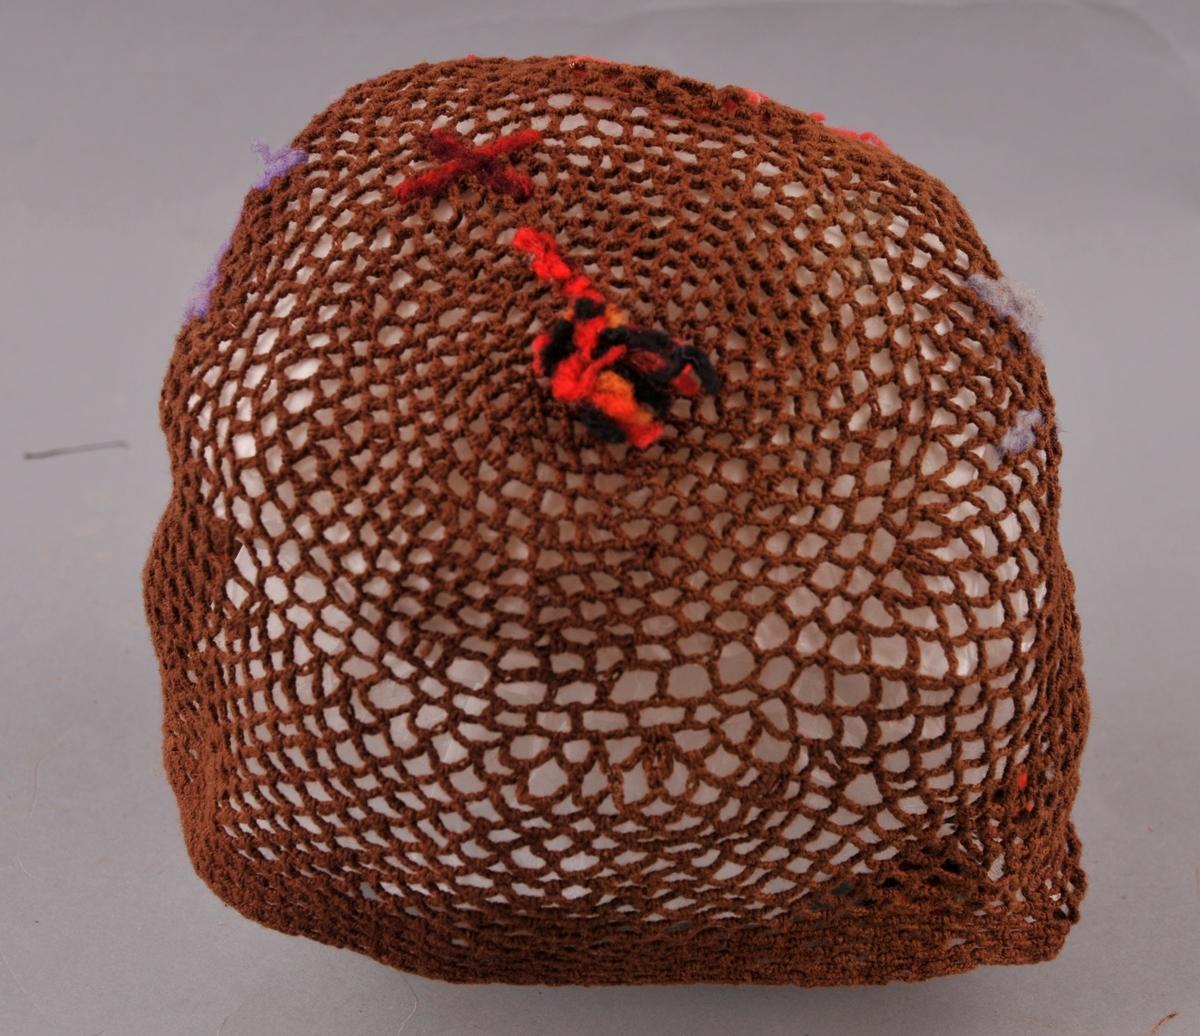 Luve hekla av luftmasker. Langs framkanten er det sauma (med vevsaum) inn tre åttebladroser med ikatfarga garn i raudt, fiolett og orange. Rundt framkanten er det sydd flosskant i raudt, brunt, svart og gult ullgarn. Eiin dusk i samme garn og fargar er festa ved issen. Framom dusken er det sauma ein rett strek og eit kryss (Andreaskross). Eit kvitt bendelband er sydd fast i venstre sida.